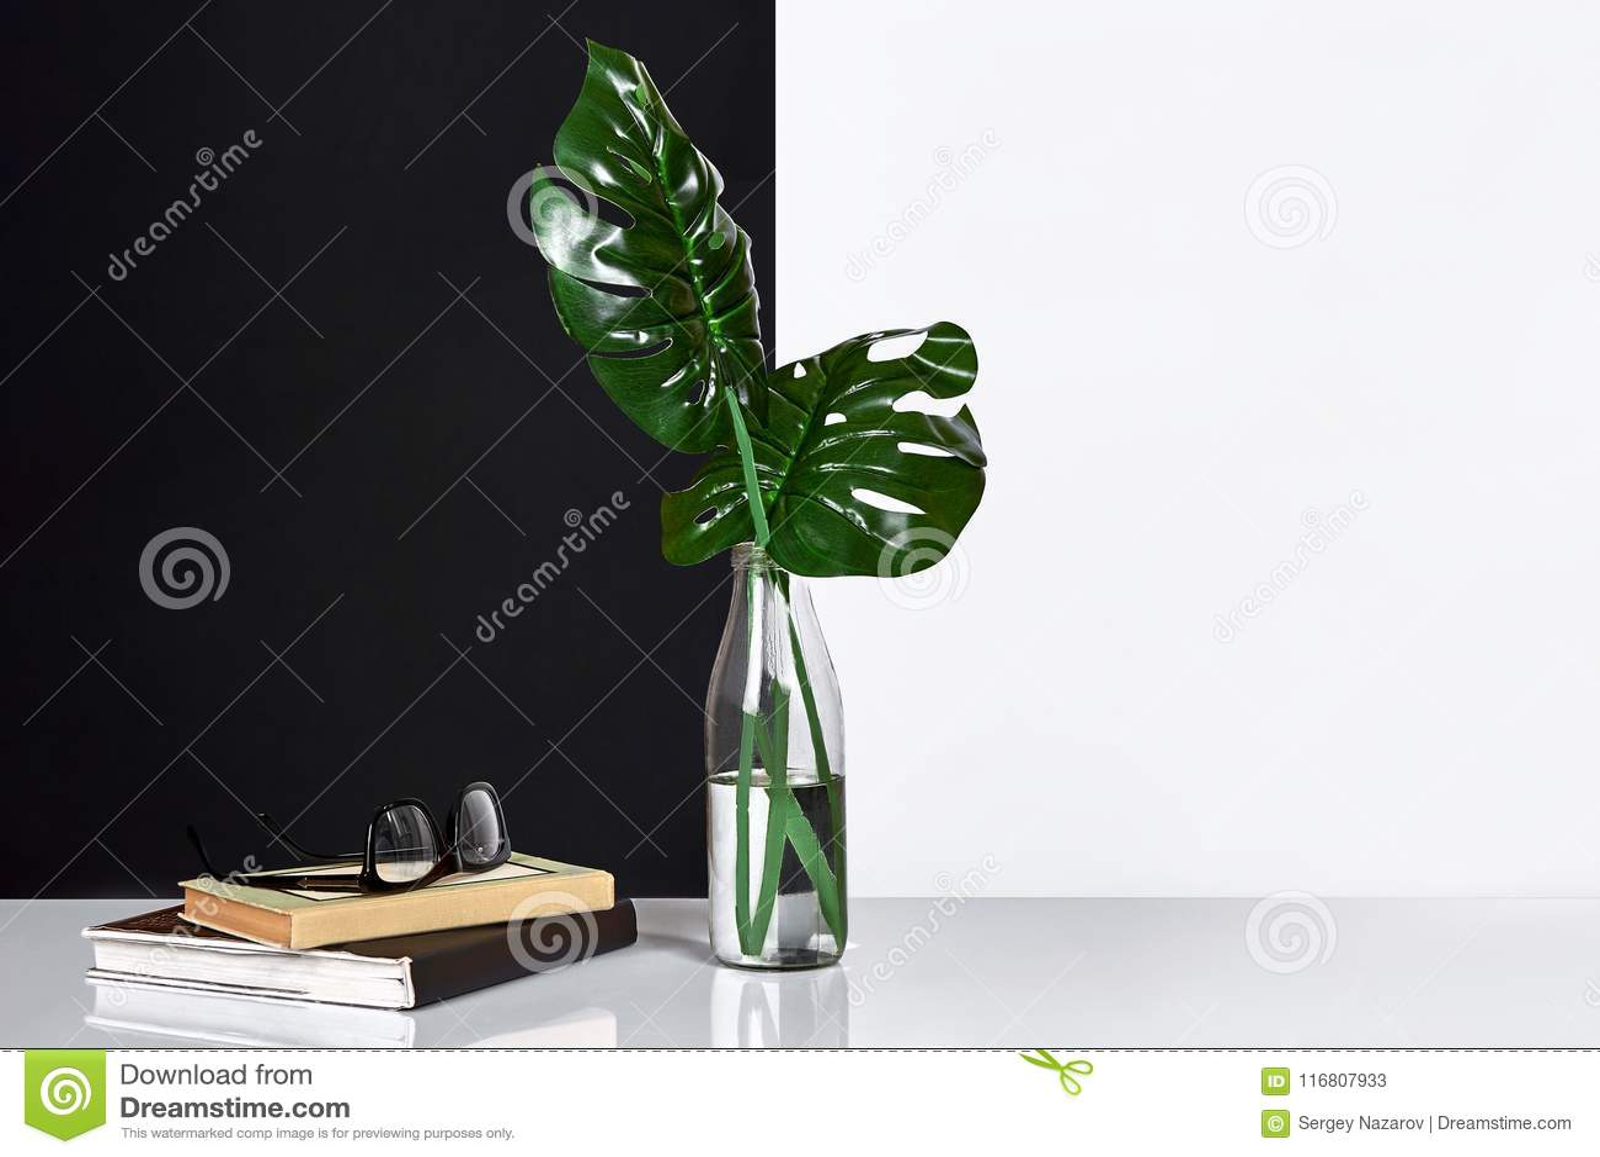 Composizione Foglie verdi in bottiglia con un libro e un blocco note per le note su fondo bianco e nero Vista frontale, copia